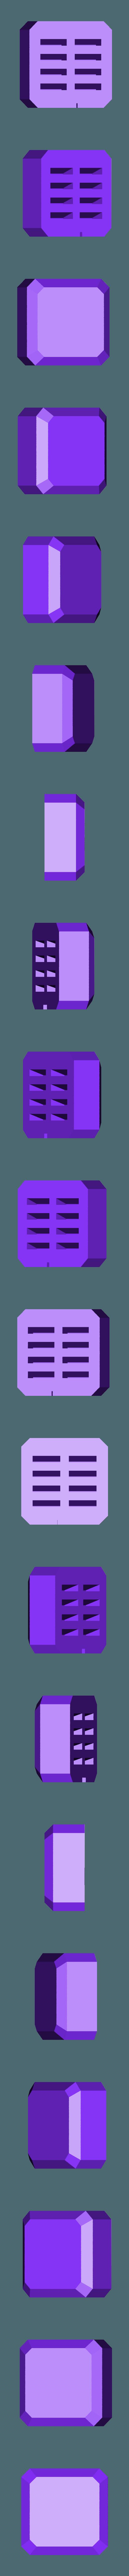 base.obj Télécharger fichier OBJ gratuit Pokeball nintendo switch cartouches et sd • Objet pour impression 3D, Pdor